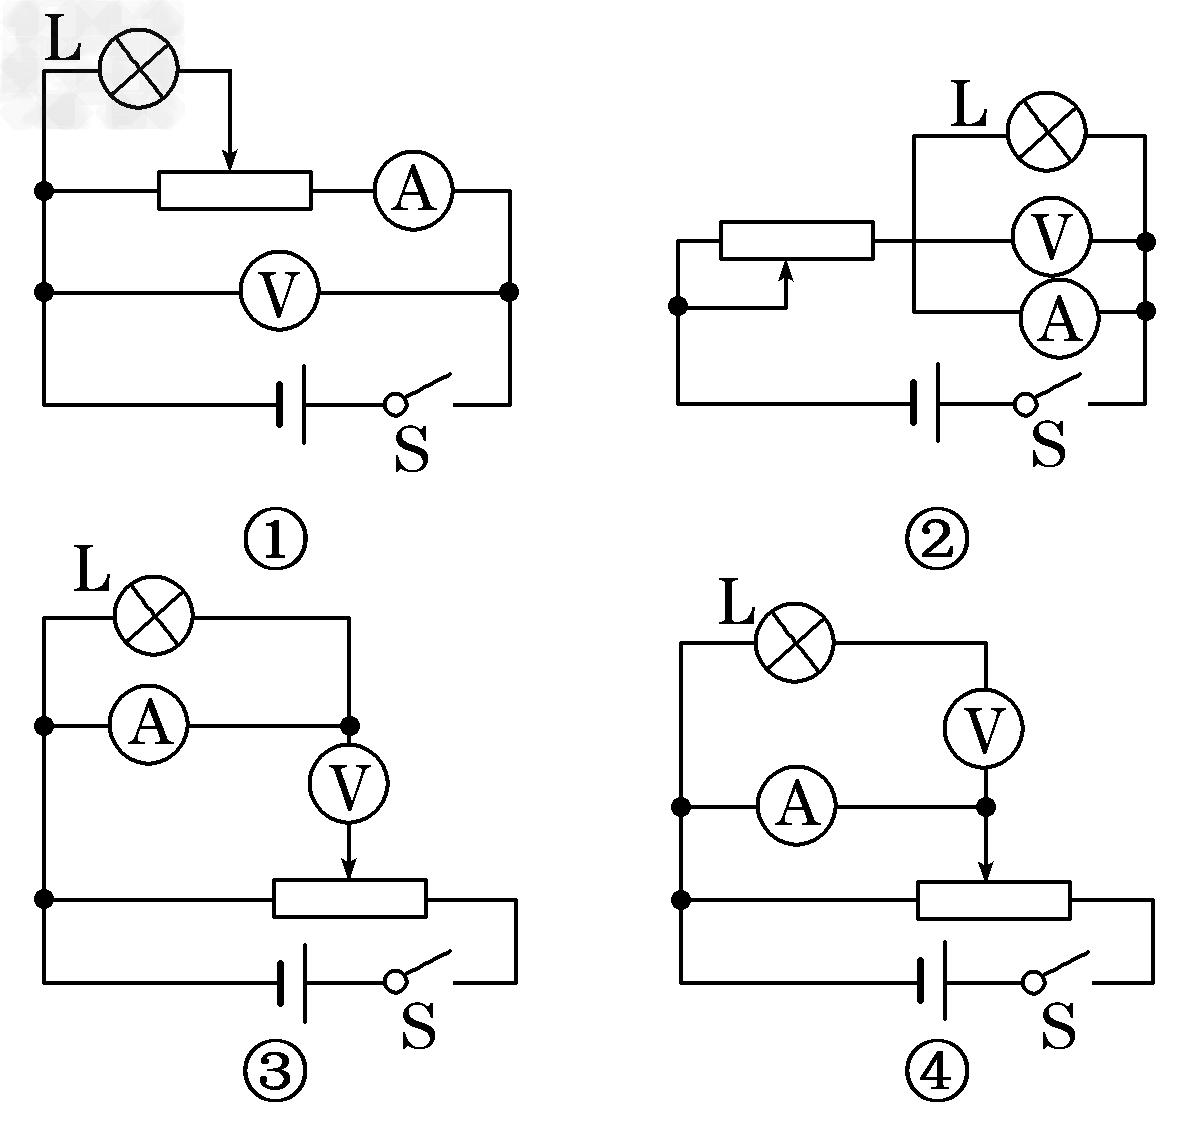 在测量电珠伏安特性实验中,同学们连接的电路中有四个错误电路,如图所